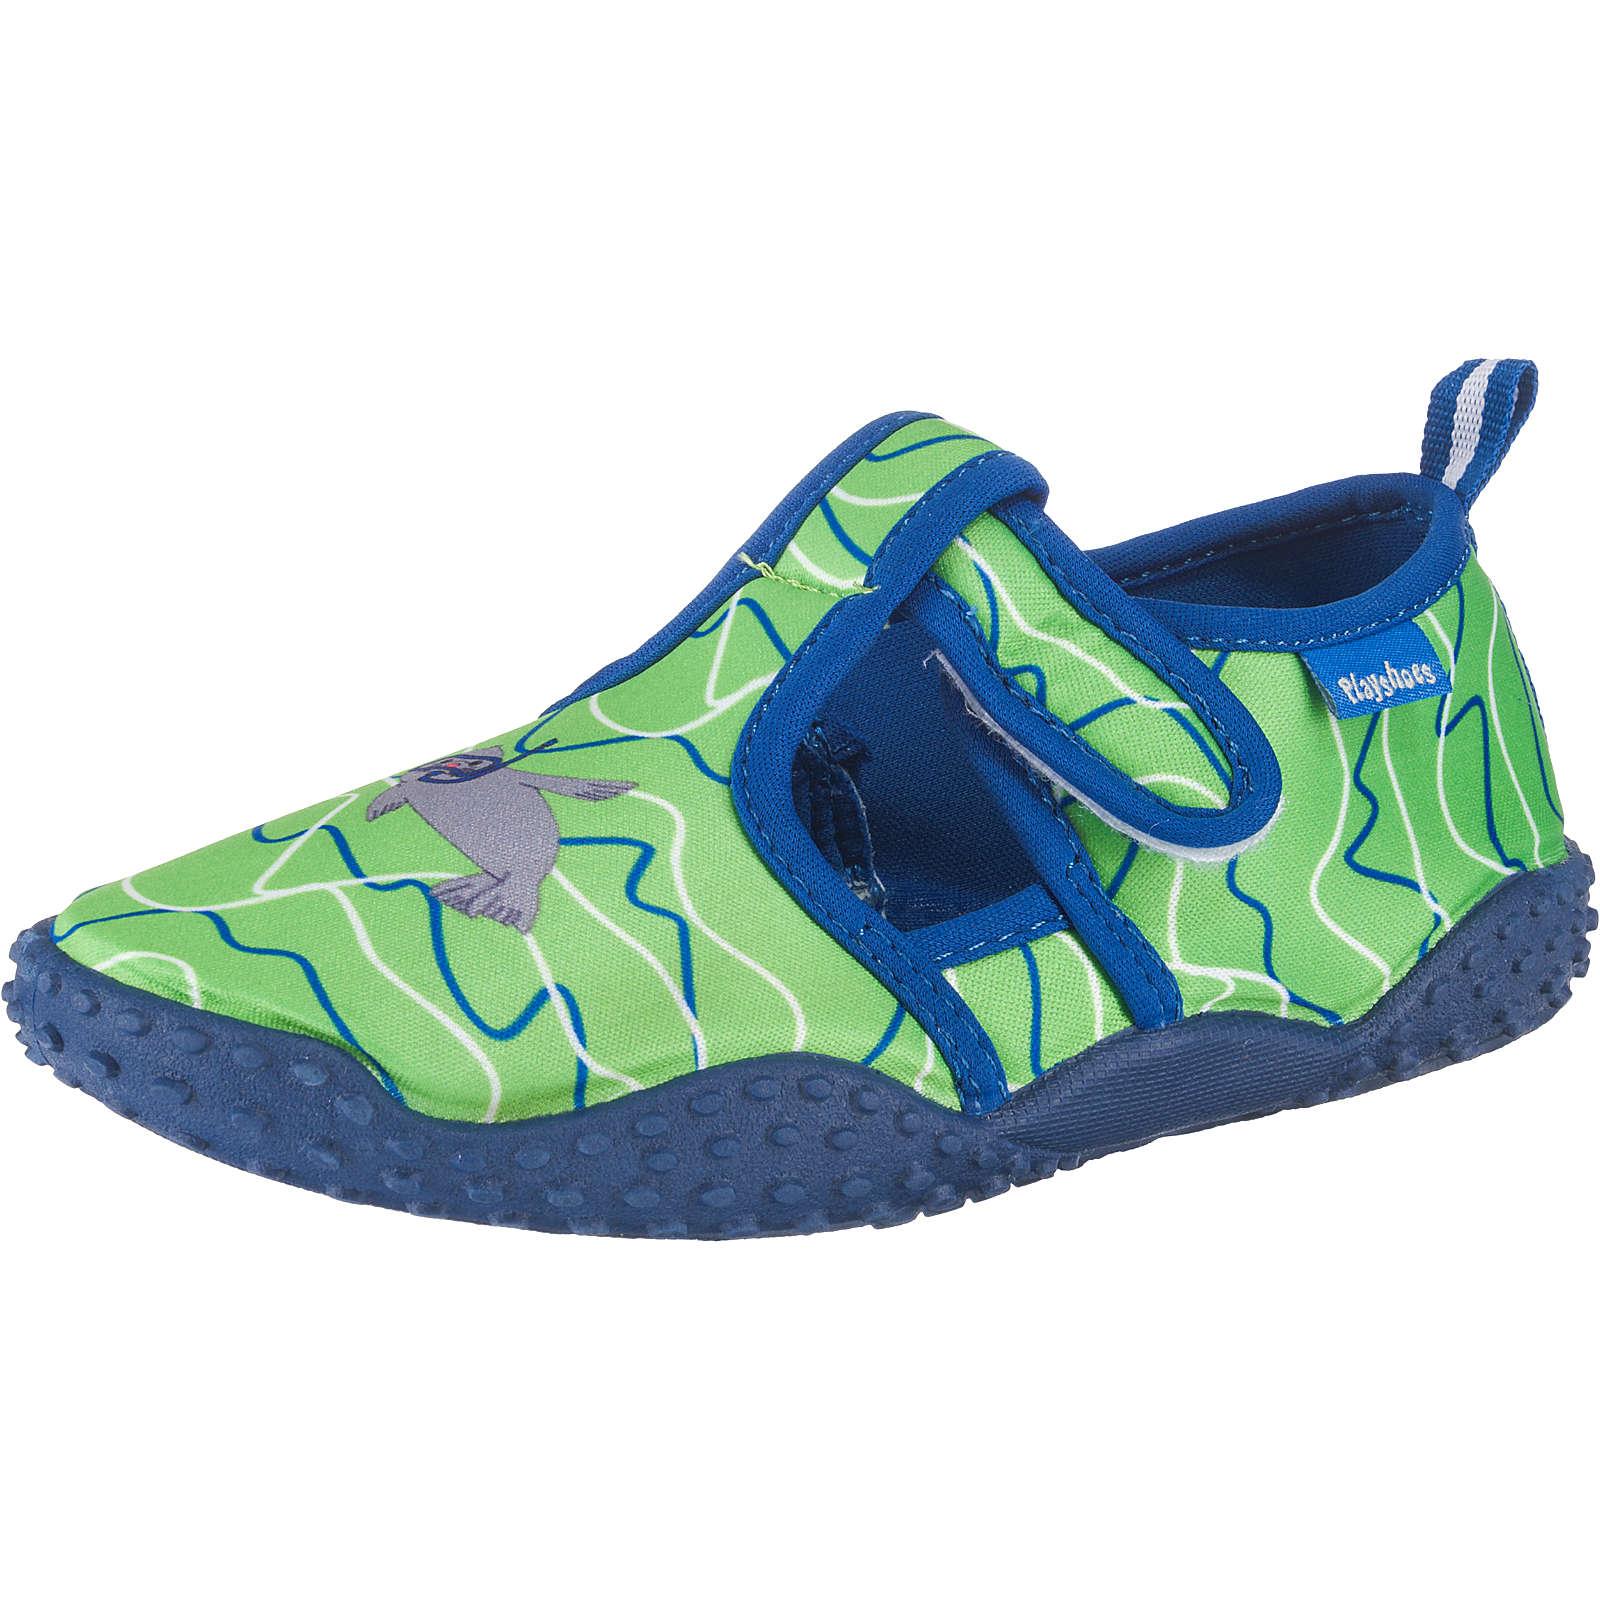 Playshoes UV-Schutz Badeschuhe ROBBE für Jungen grün Junge Gr. 28/29